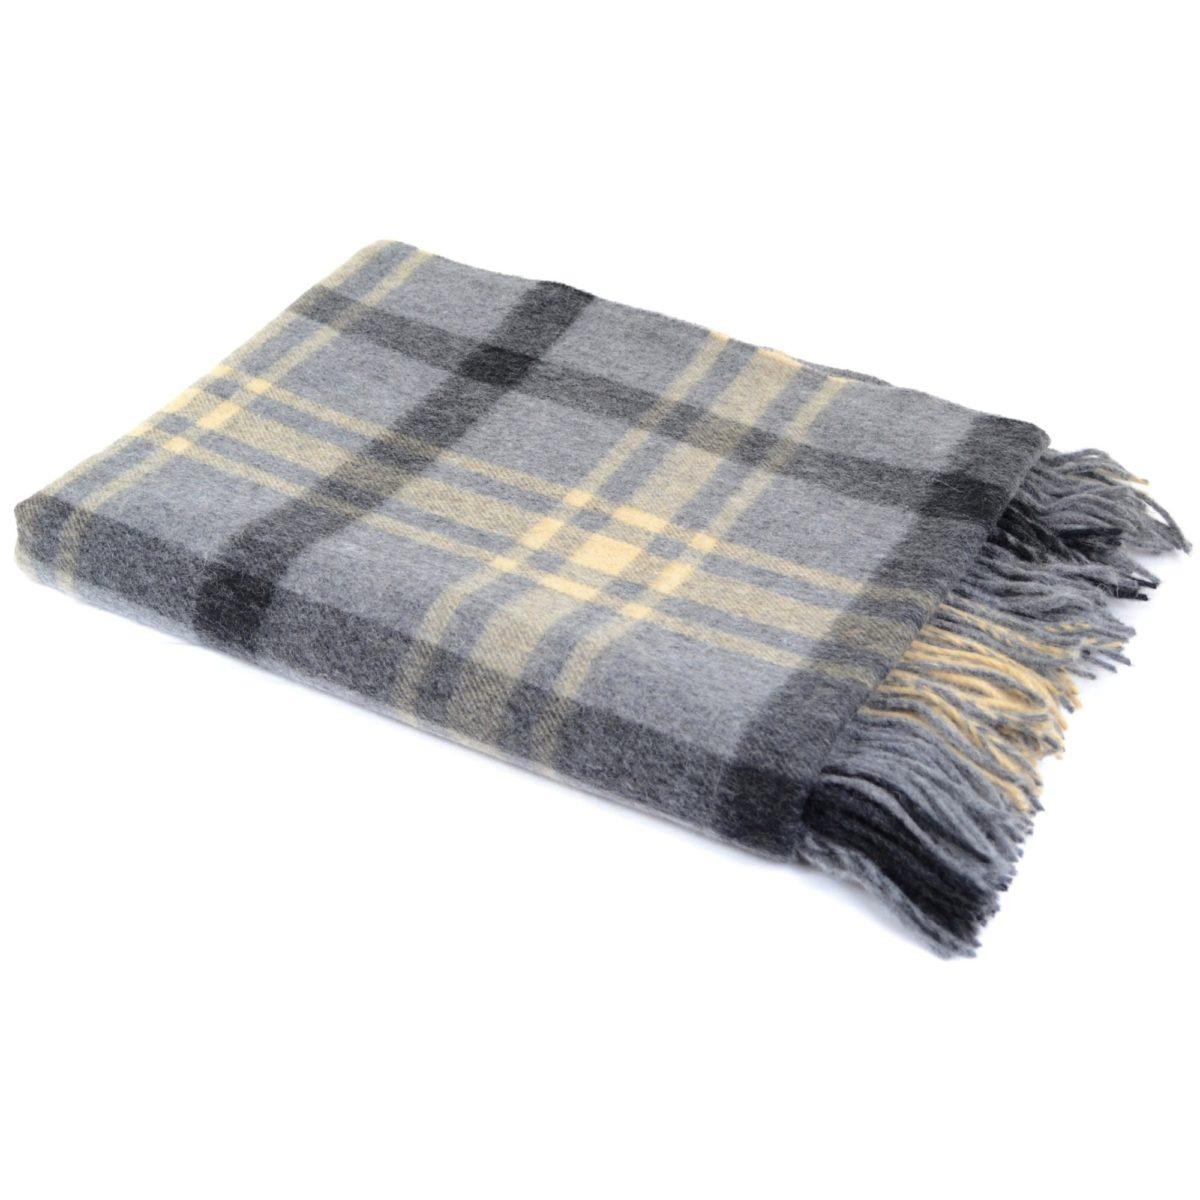 Lambswool Blanket / Throw - Slate Grey